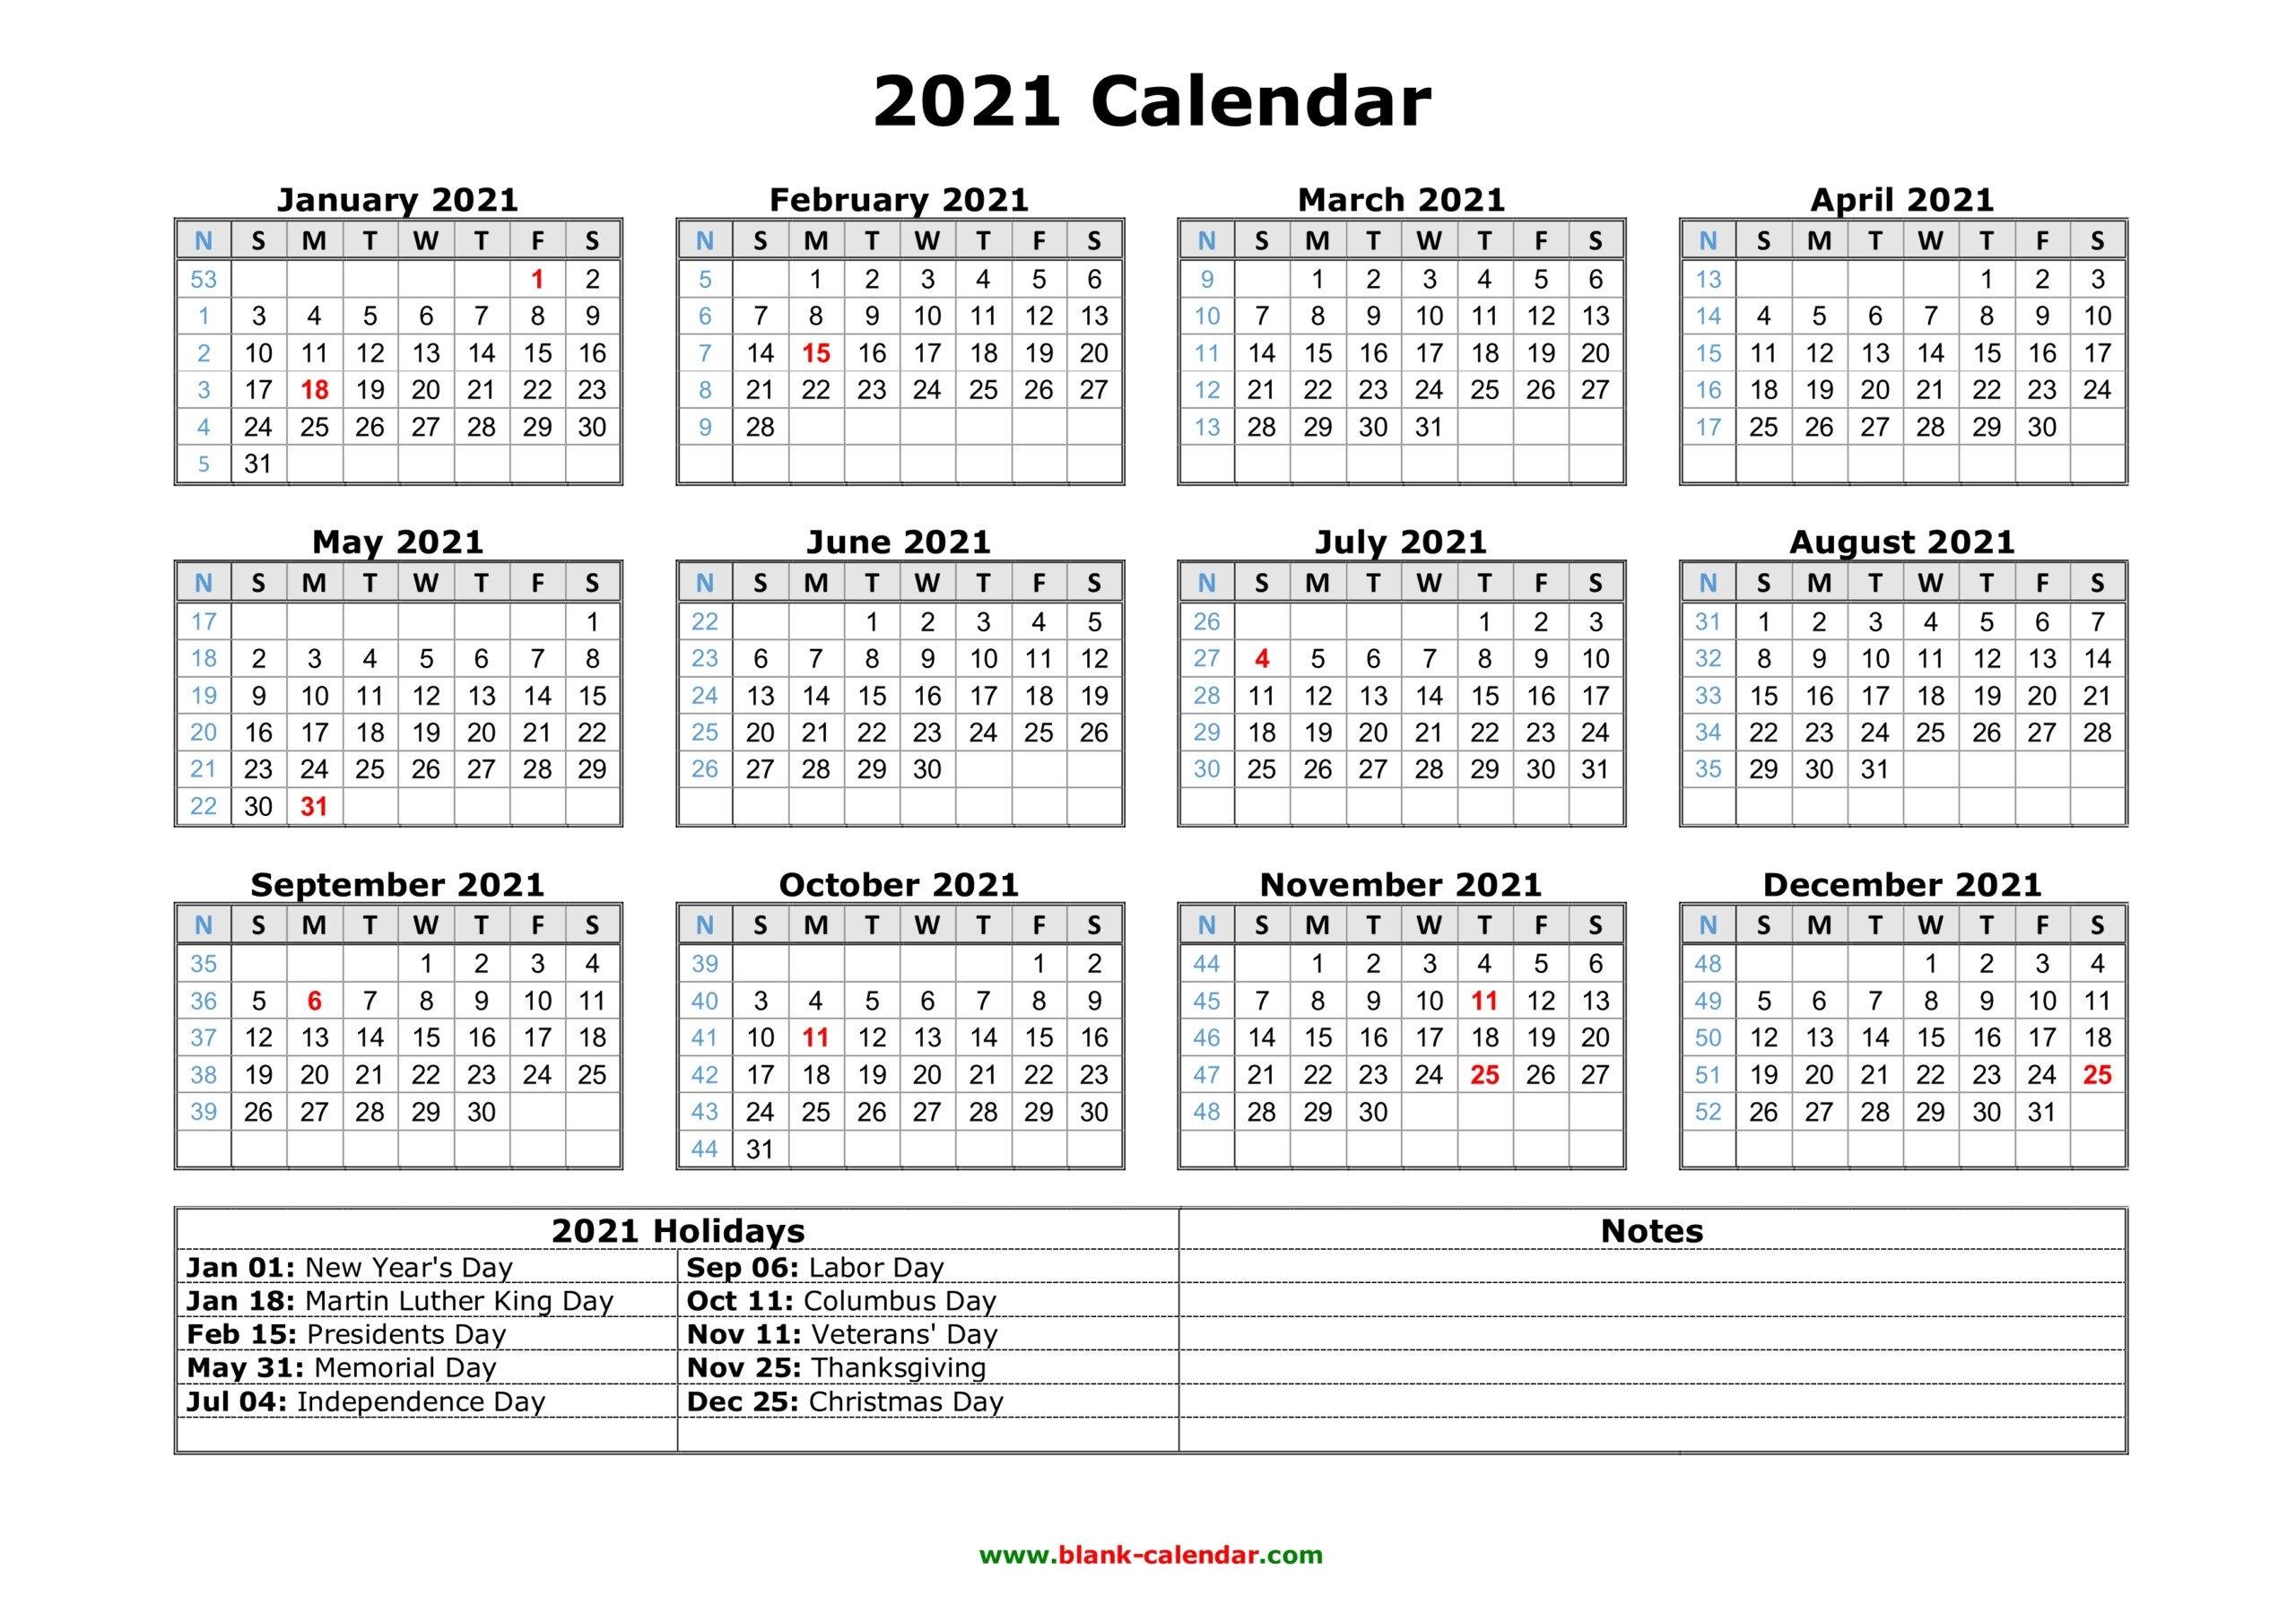 Free Printable Large Print 2021 Calendar   2021 Printable Calendars with regard to Large Print Free Printable Calendar 2021 Graphics